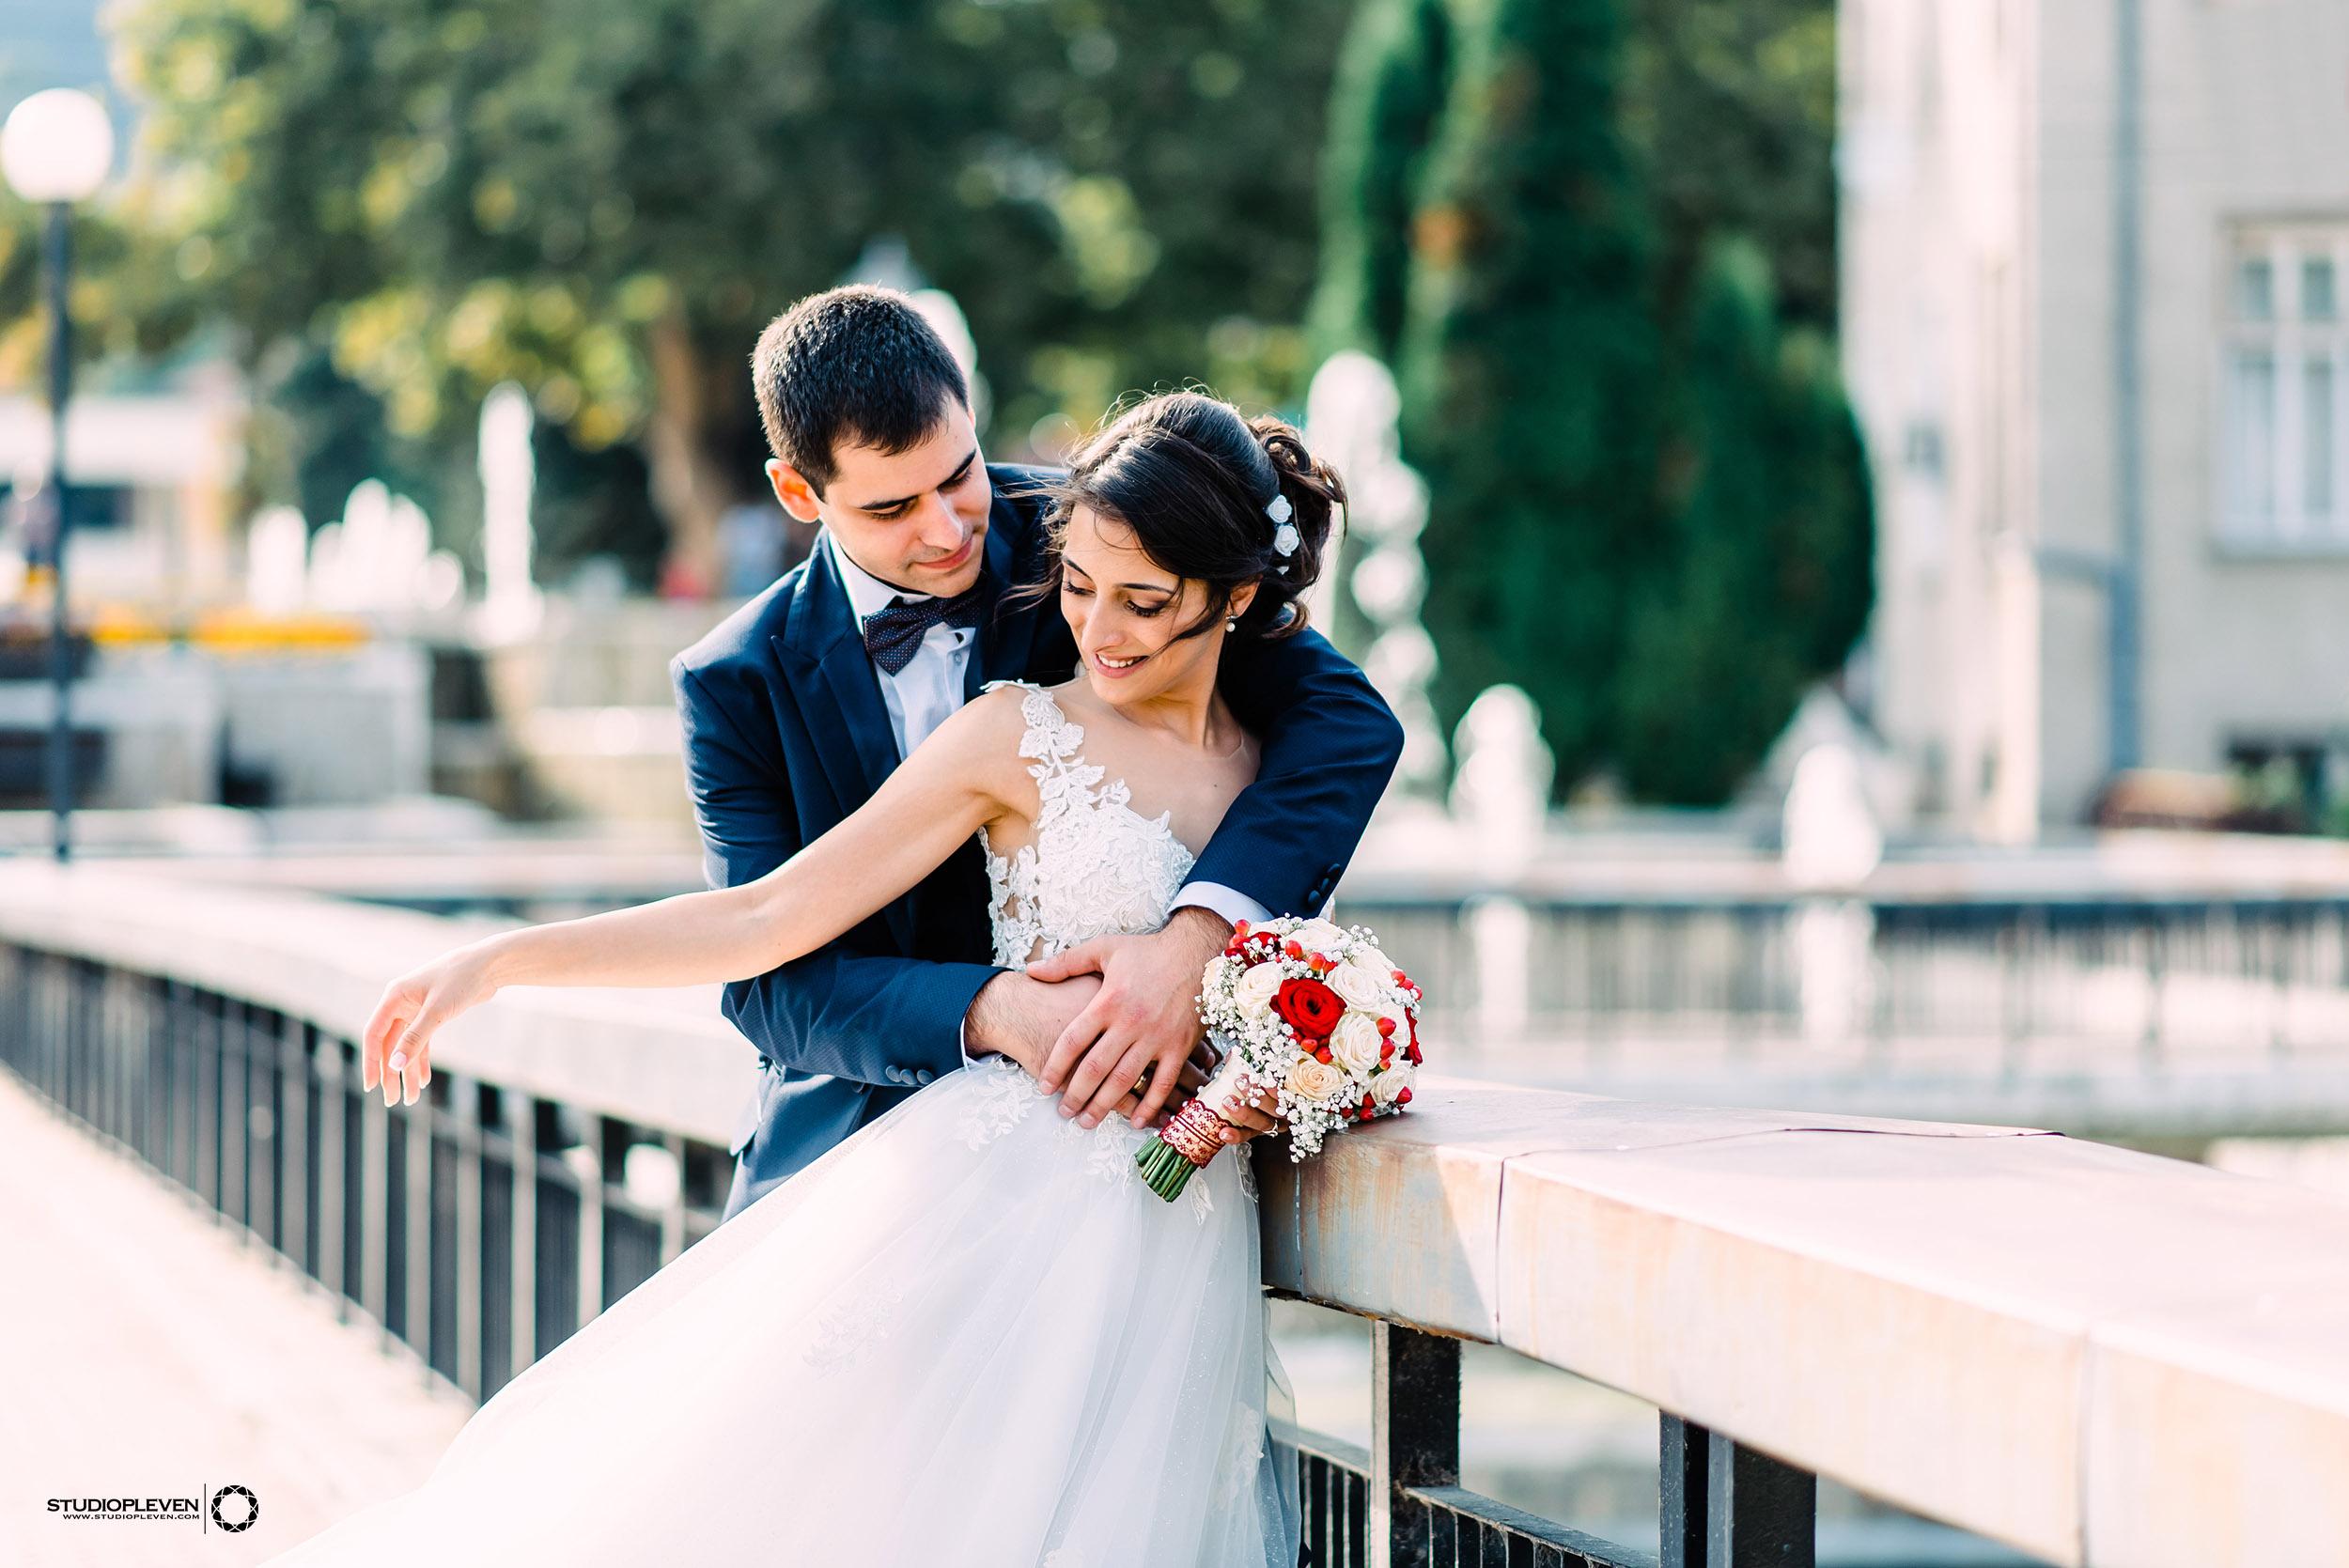 сватбен фотограф ловеч троян